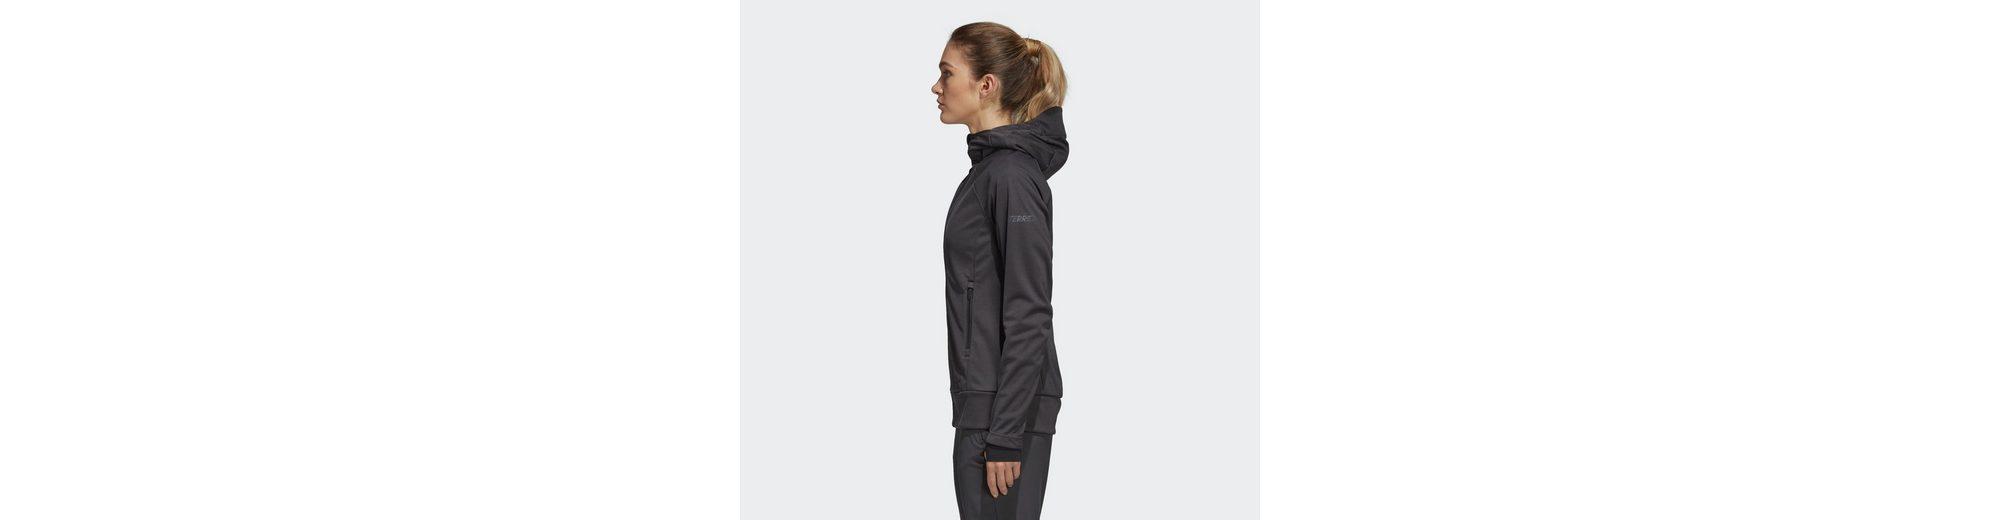 In Deutschland Ebay Online adidas Performance Funktionsjacke Softshell-Jacke Verkauf Geniue Händler Sast Günstiger Preis 3RkM8D6z8